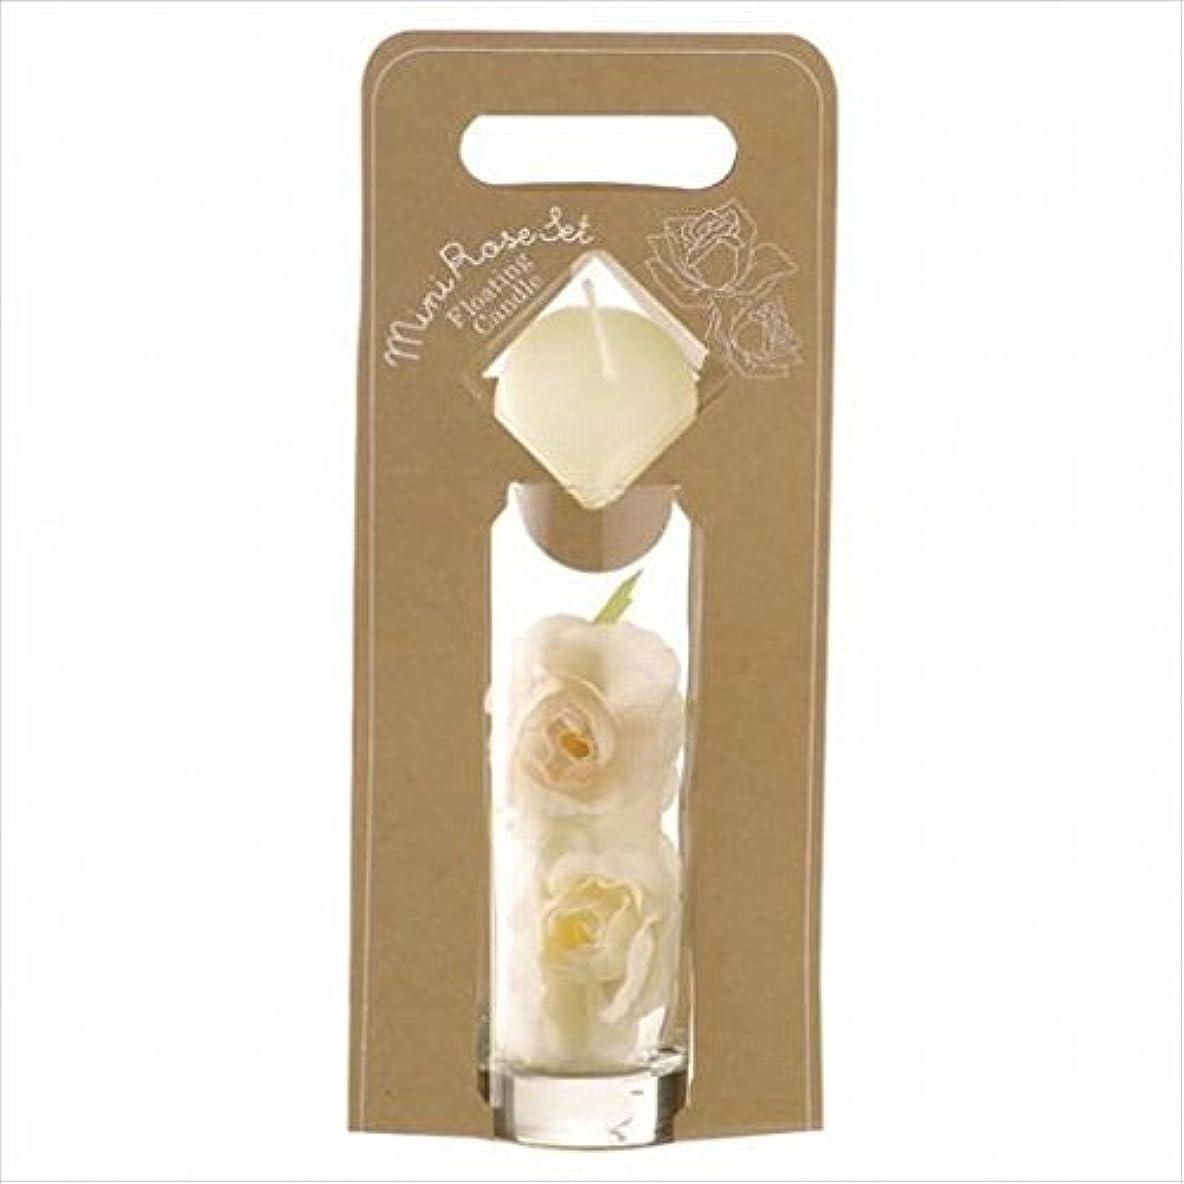 プラカードあなたが良くなります発掘kameyama candle(カメヤマキャンドル) ミニローズセット 「 アイボリー 」(A7620005IV)